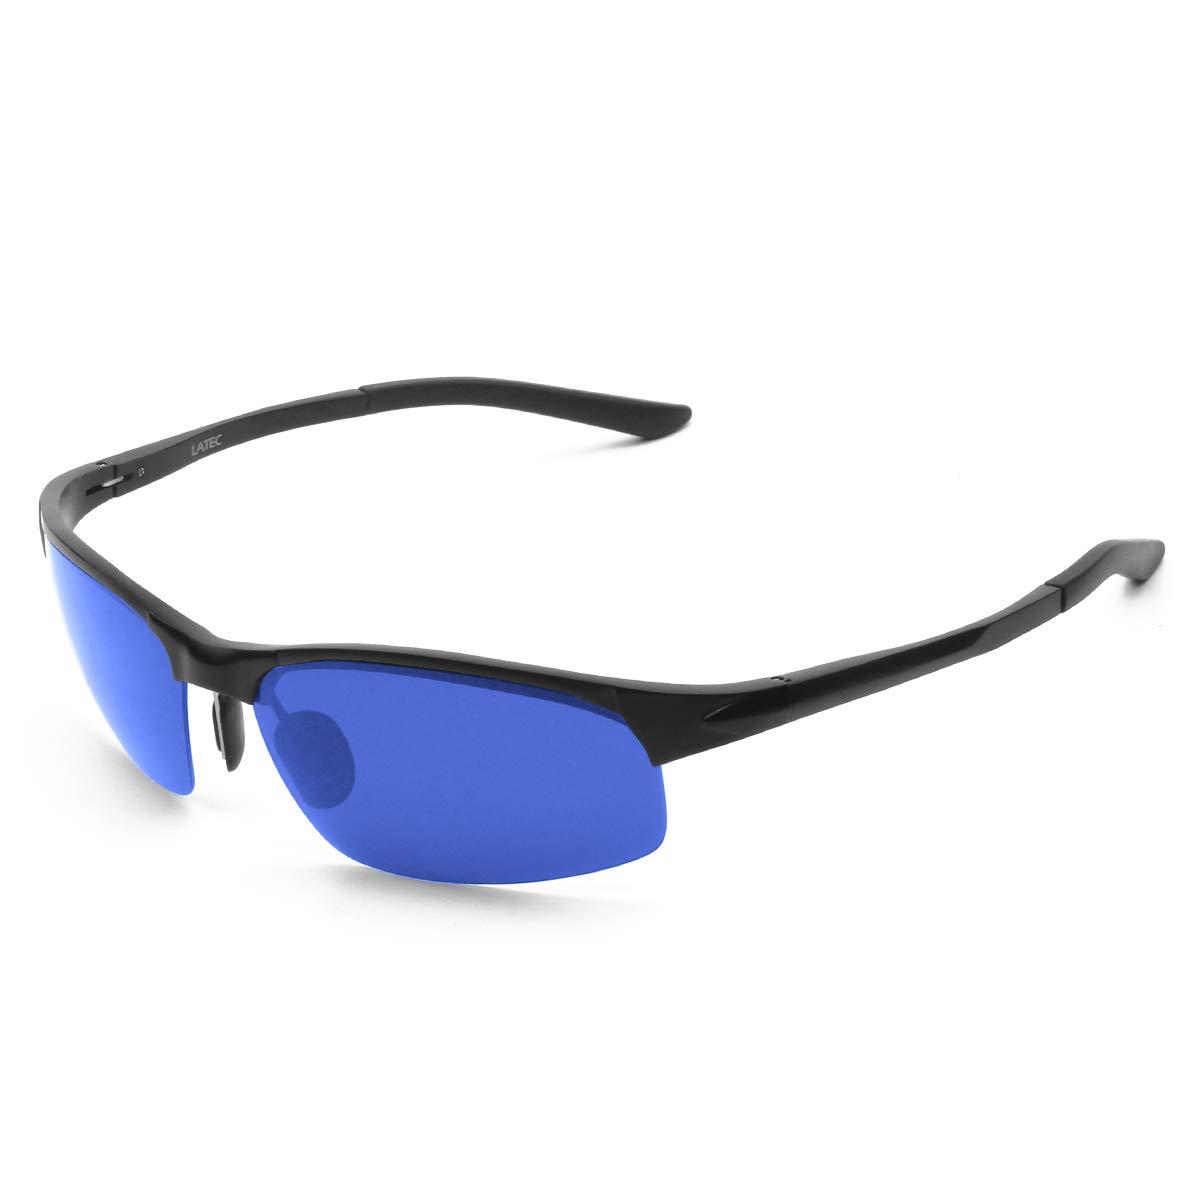 LATEC Gafas de Sol de conducción polarizada, Gafas de conducción para Hombres Gafas Deportivas Gafas de Golf de Pesca con Estructura metálica y protección UV400 product image